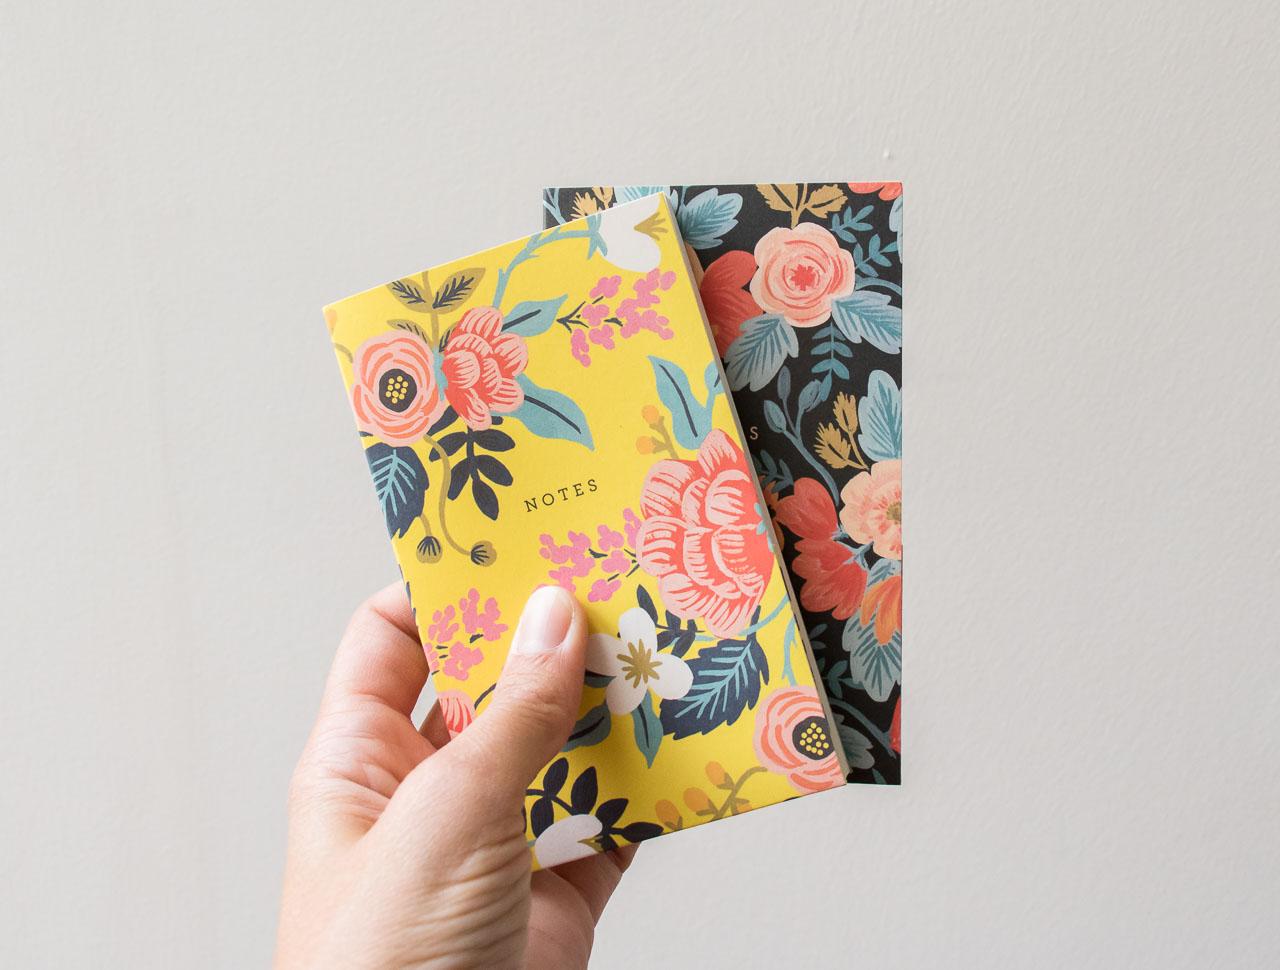 Mini carnet coloré- Rifle Paper Co -Maison Mathûvû